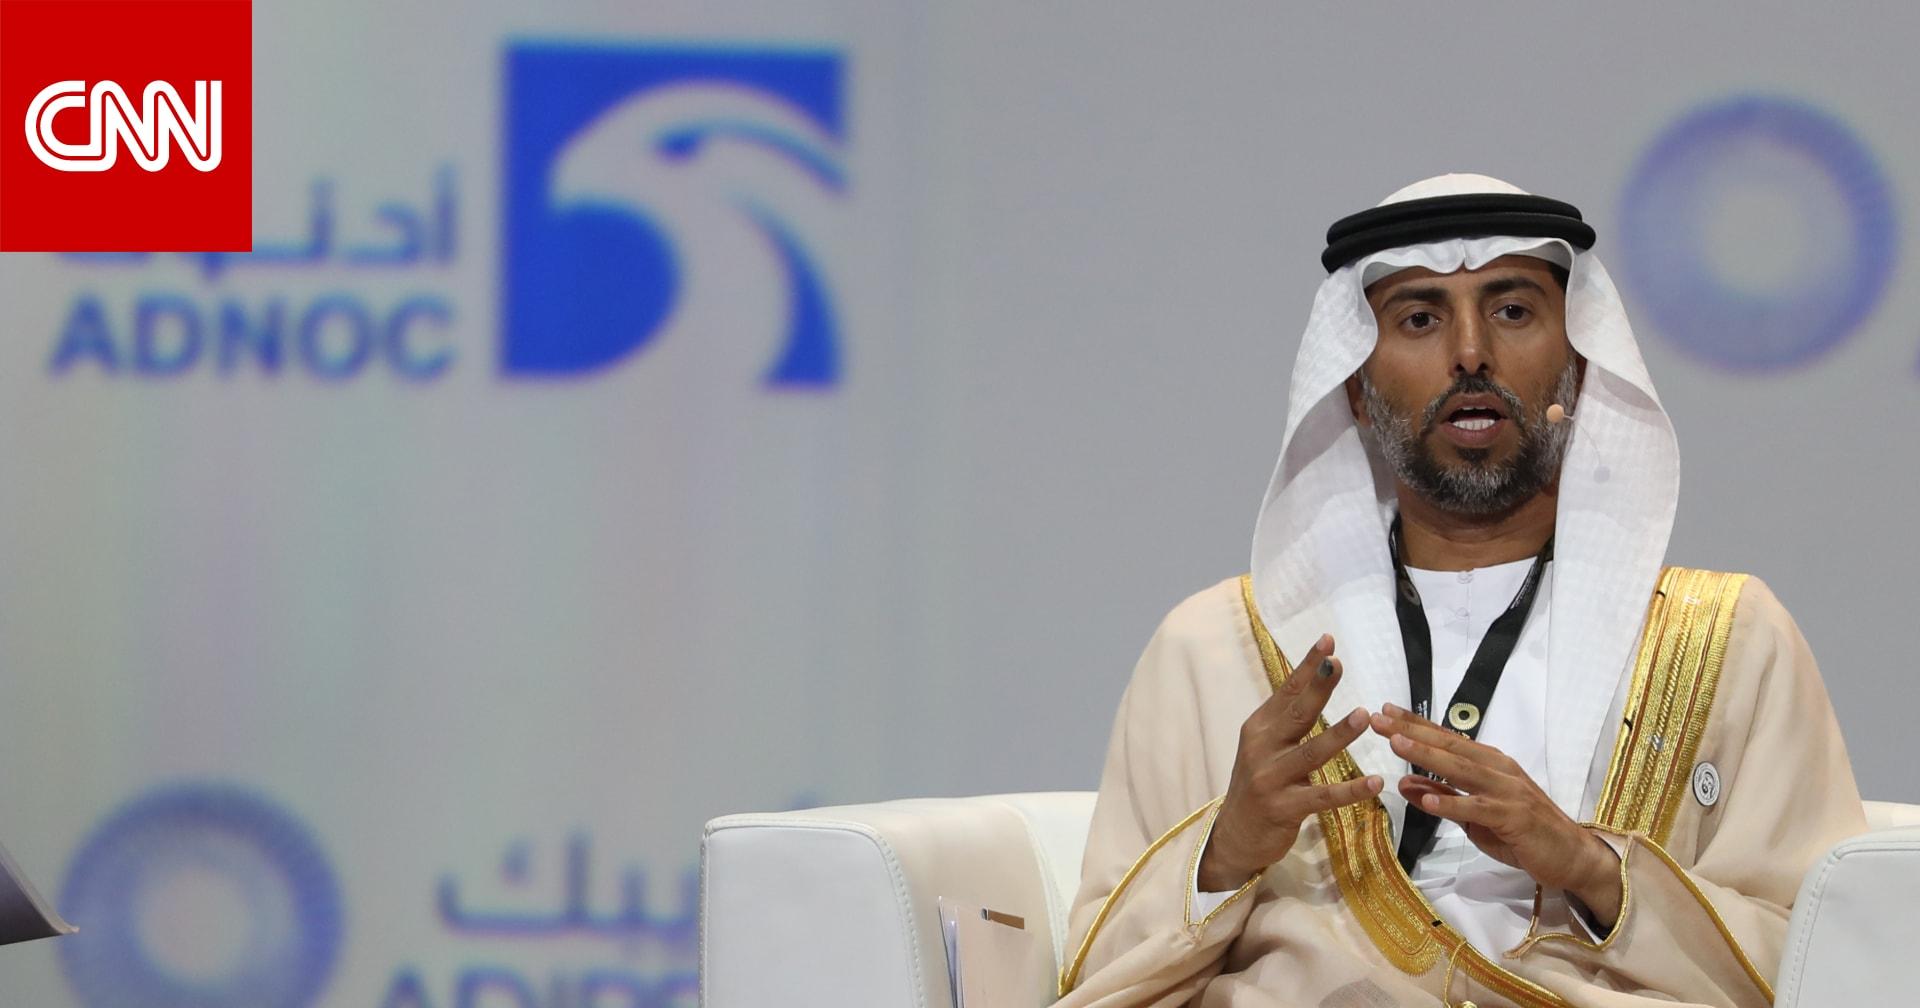 الإمارات تنفي صحة ما جرى تداوله عن توصلها لاتفاق مع تحالف أوبك+ بشأن تعديل سقف إنتاج النفط